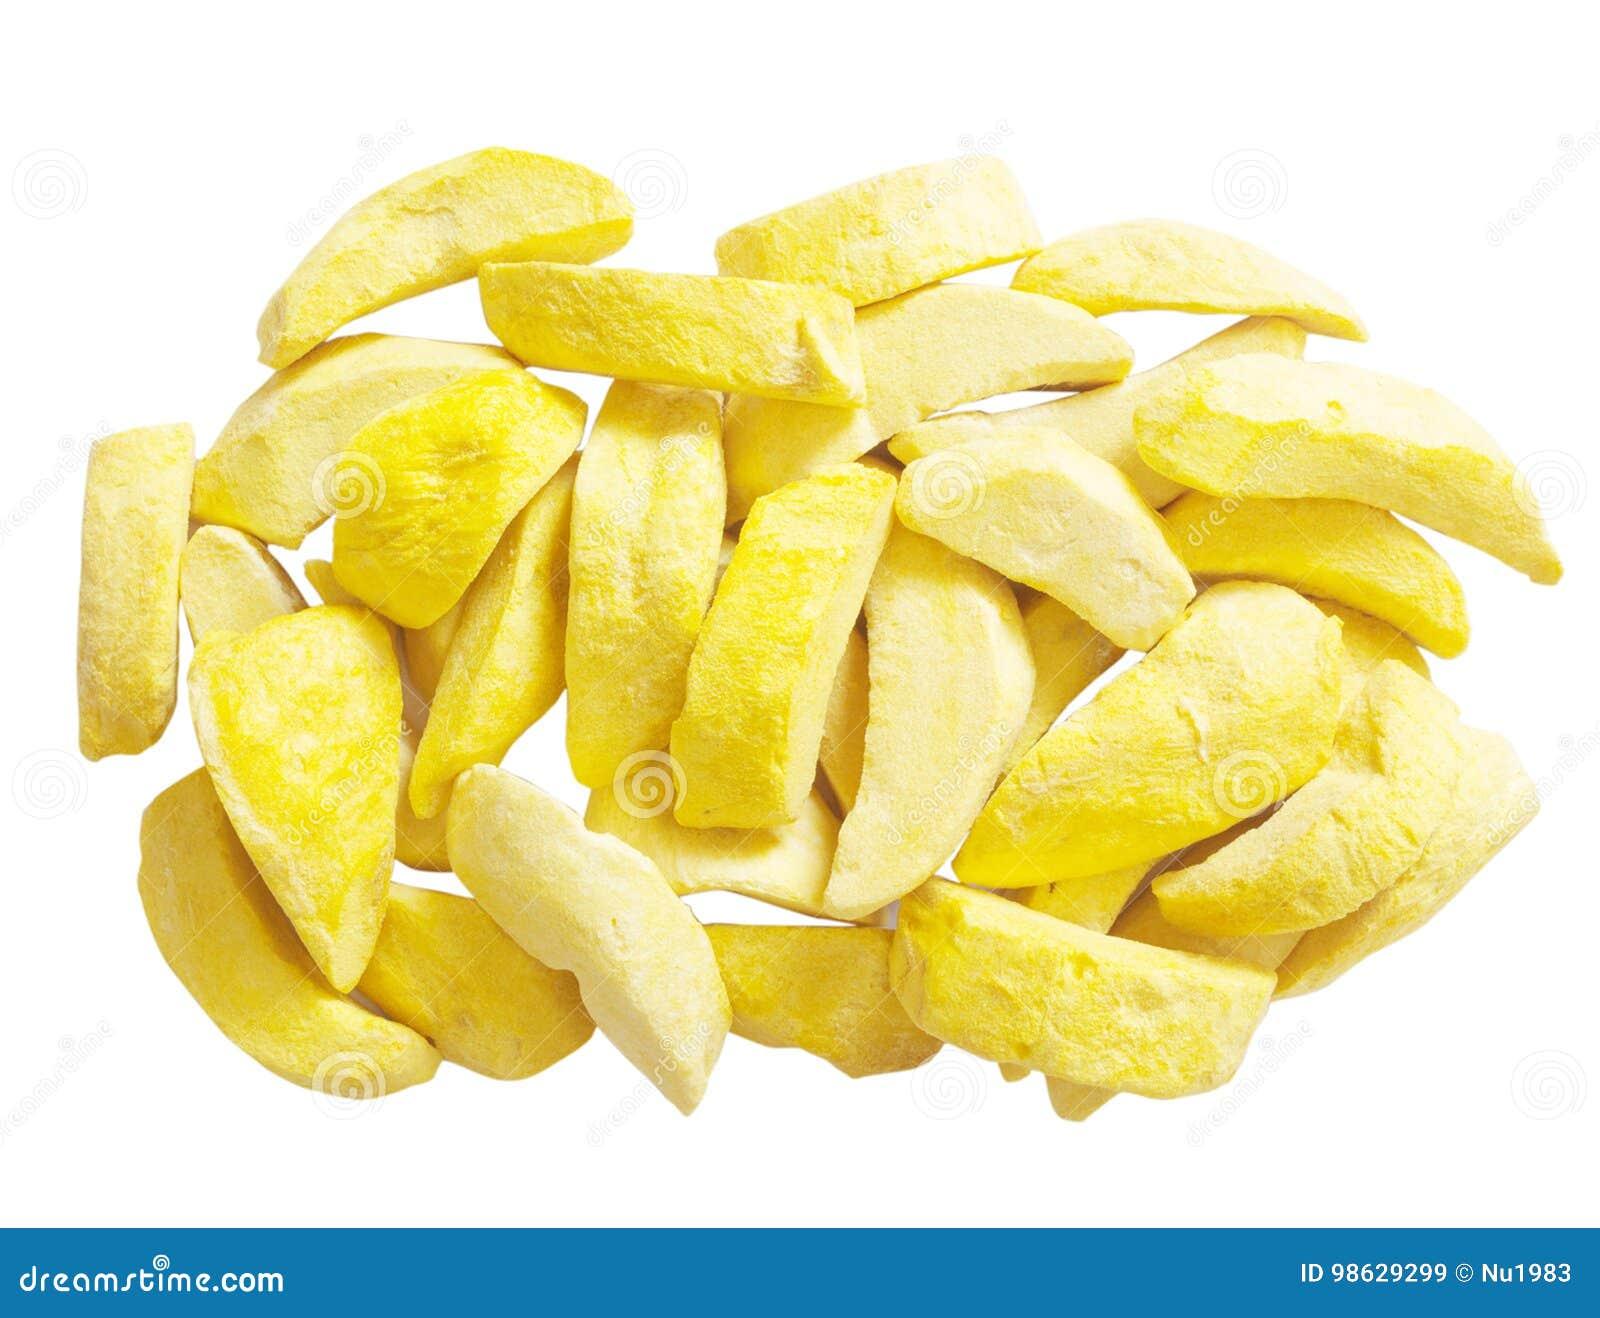 Mango freeze dry on white background